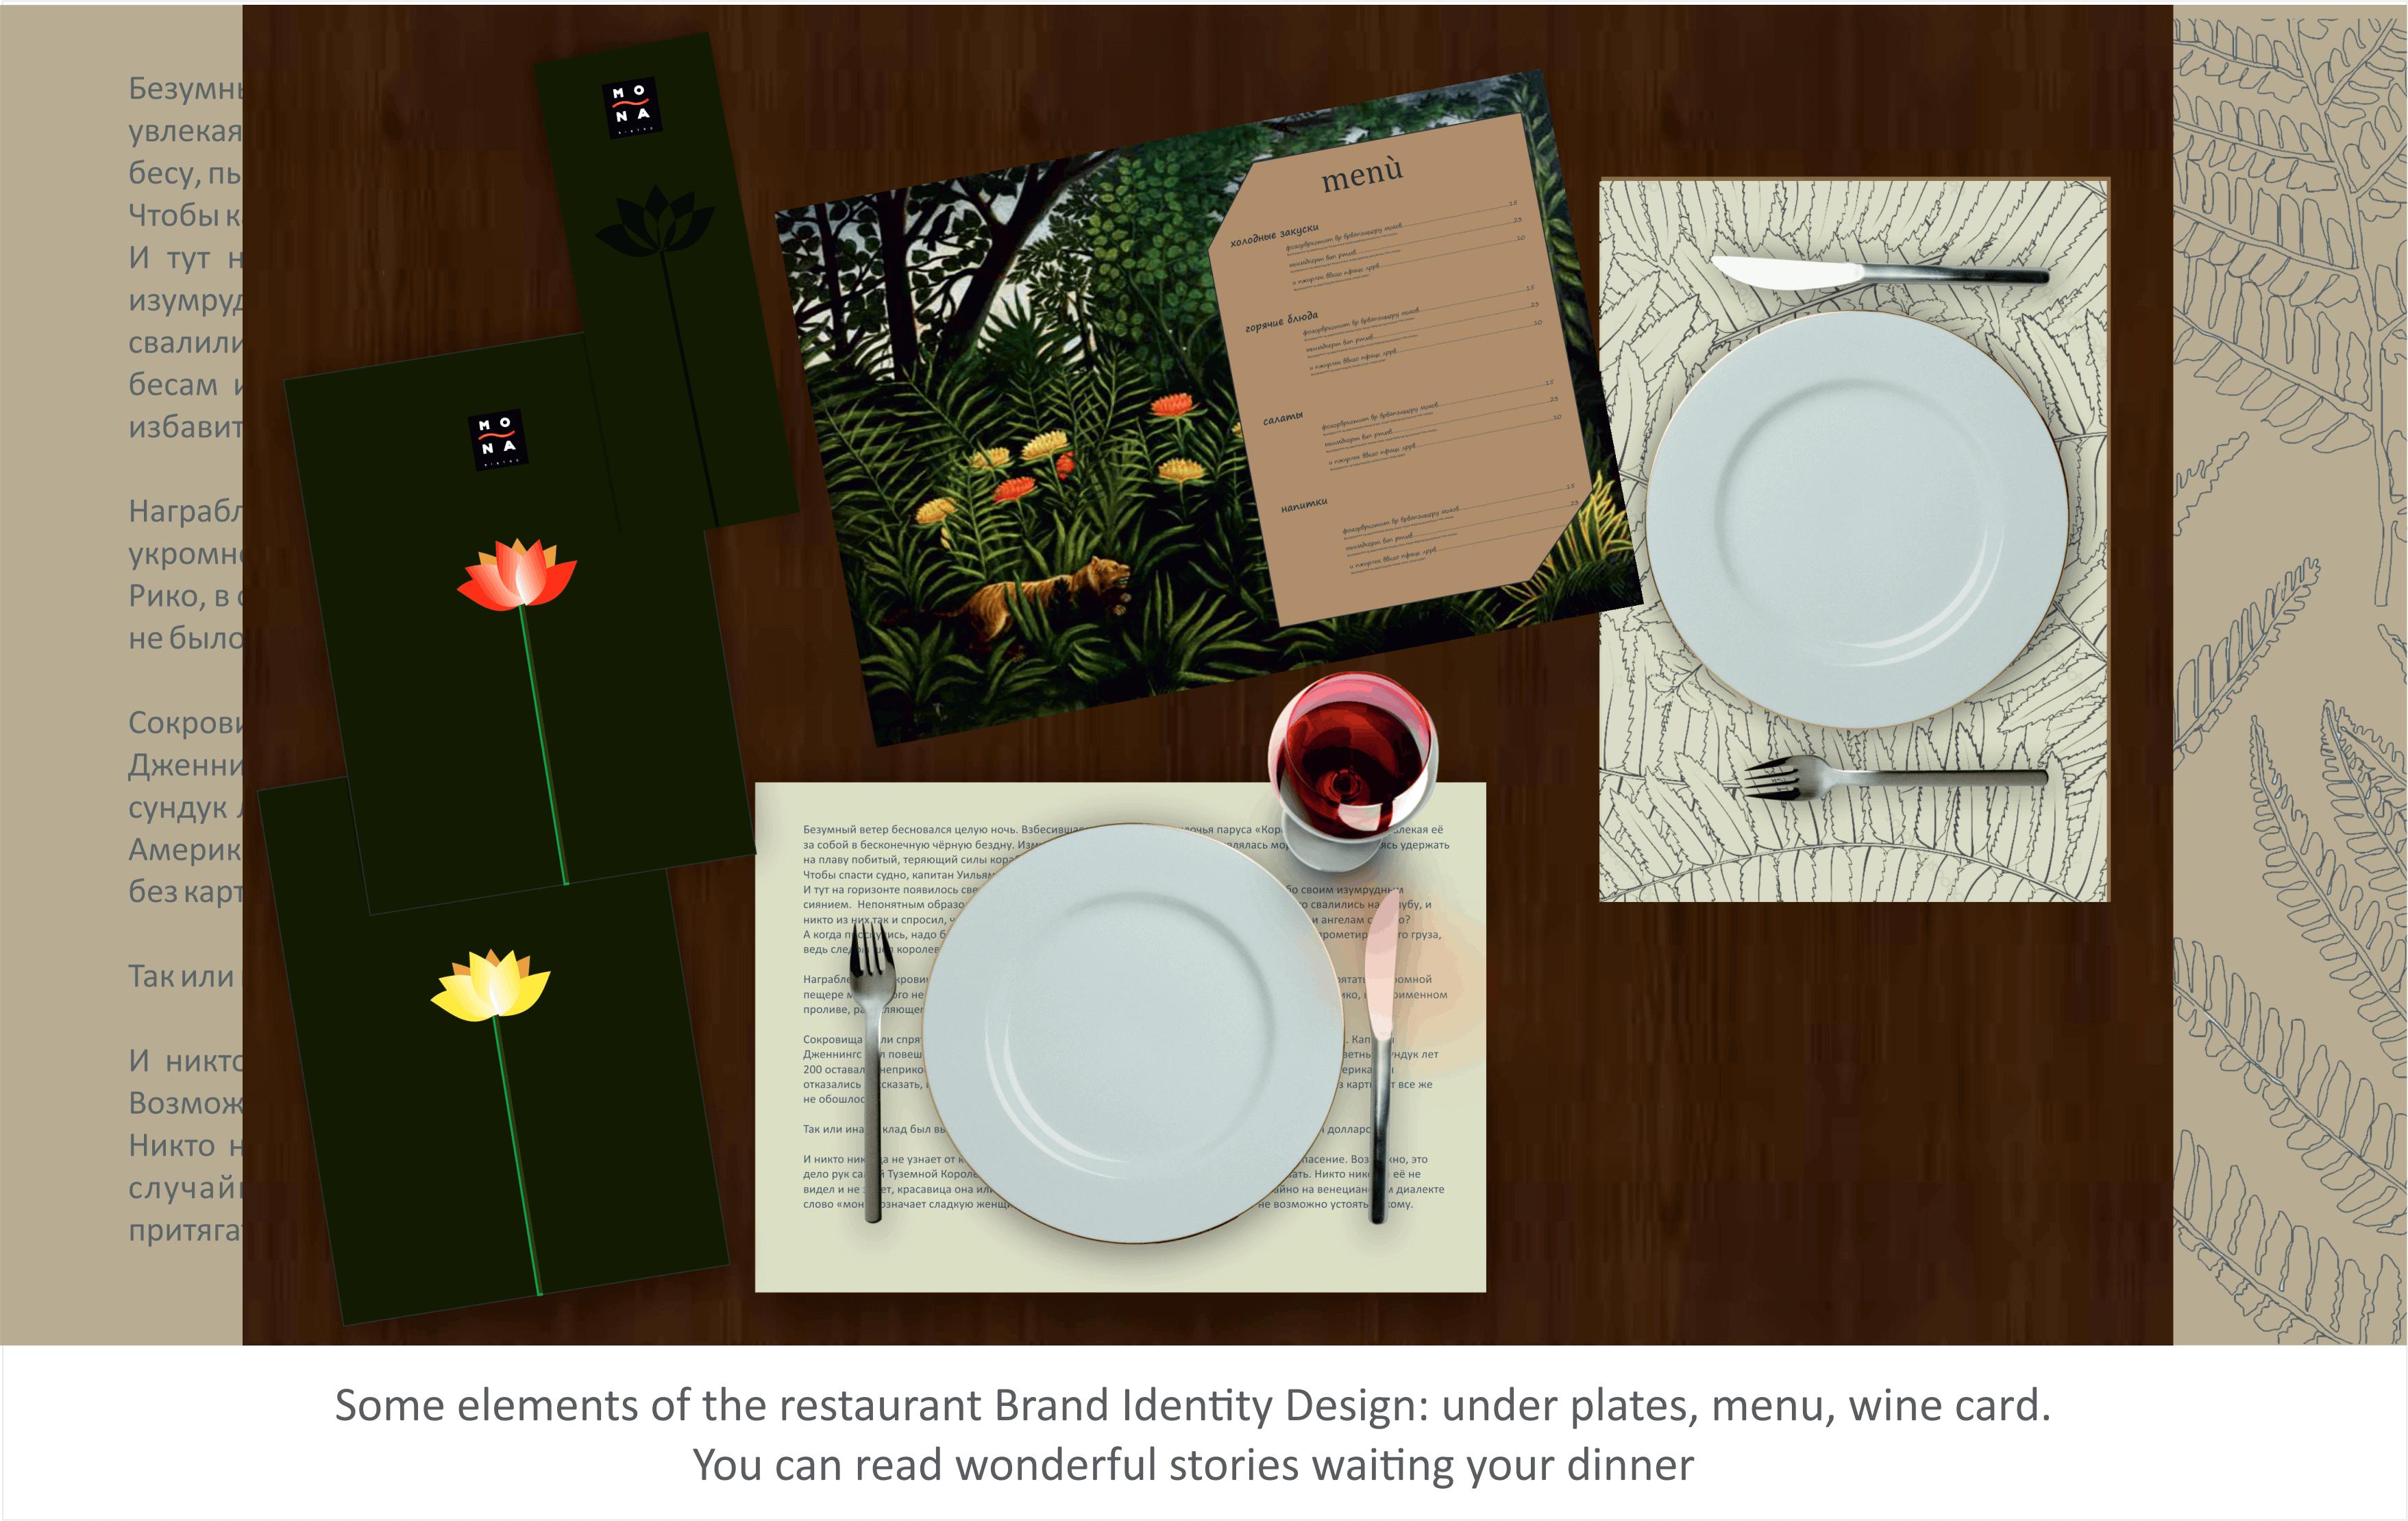 restaurant-brand-identity-design-elements-2